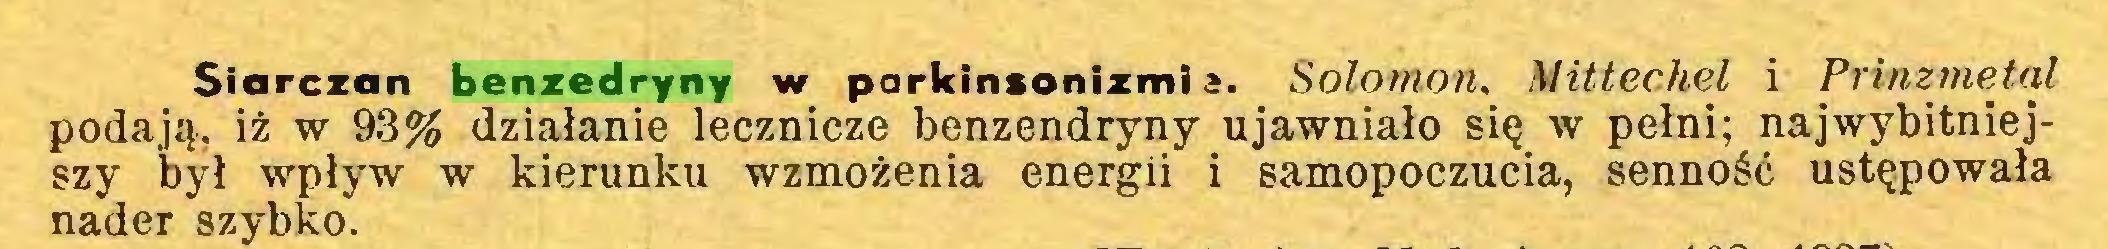 (...) Siarczan benzedryny w parklnsonizmi 2. Solomon, Mittechel i Prinzmetal podają, iż w 93% działanie lecznicze benzendryny ujawniało się w pełni; najwybitniejszy był wpływ w kierunku wzmożenia energii i samopoczucia, senność ustępowała nader szybko...